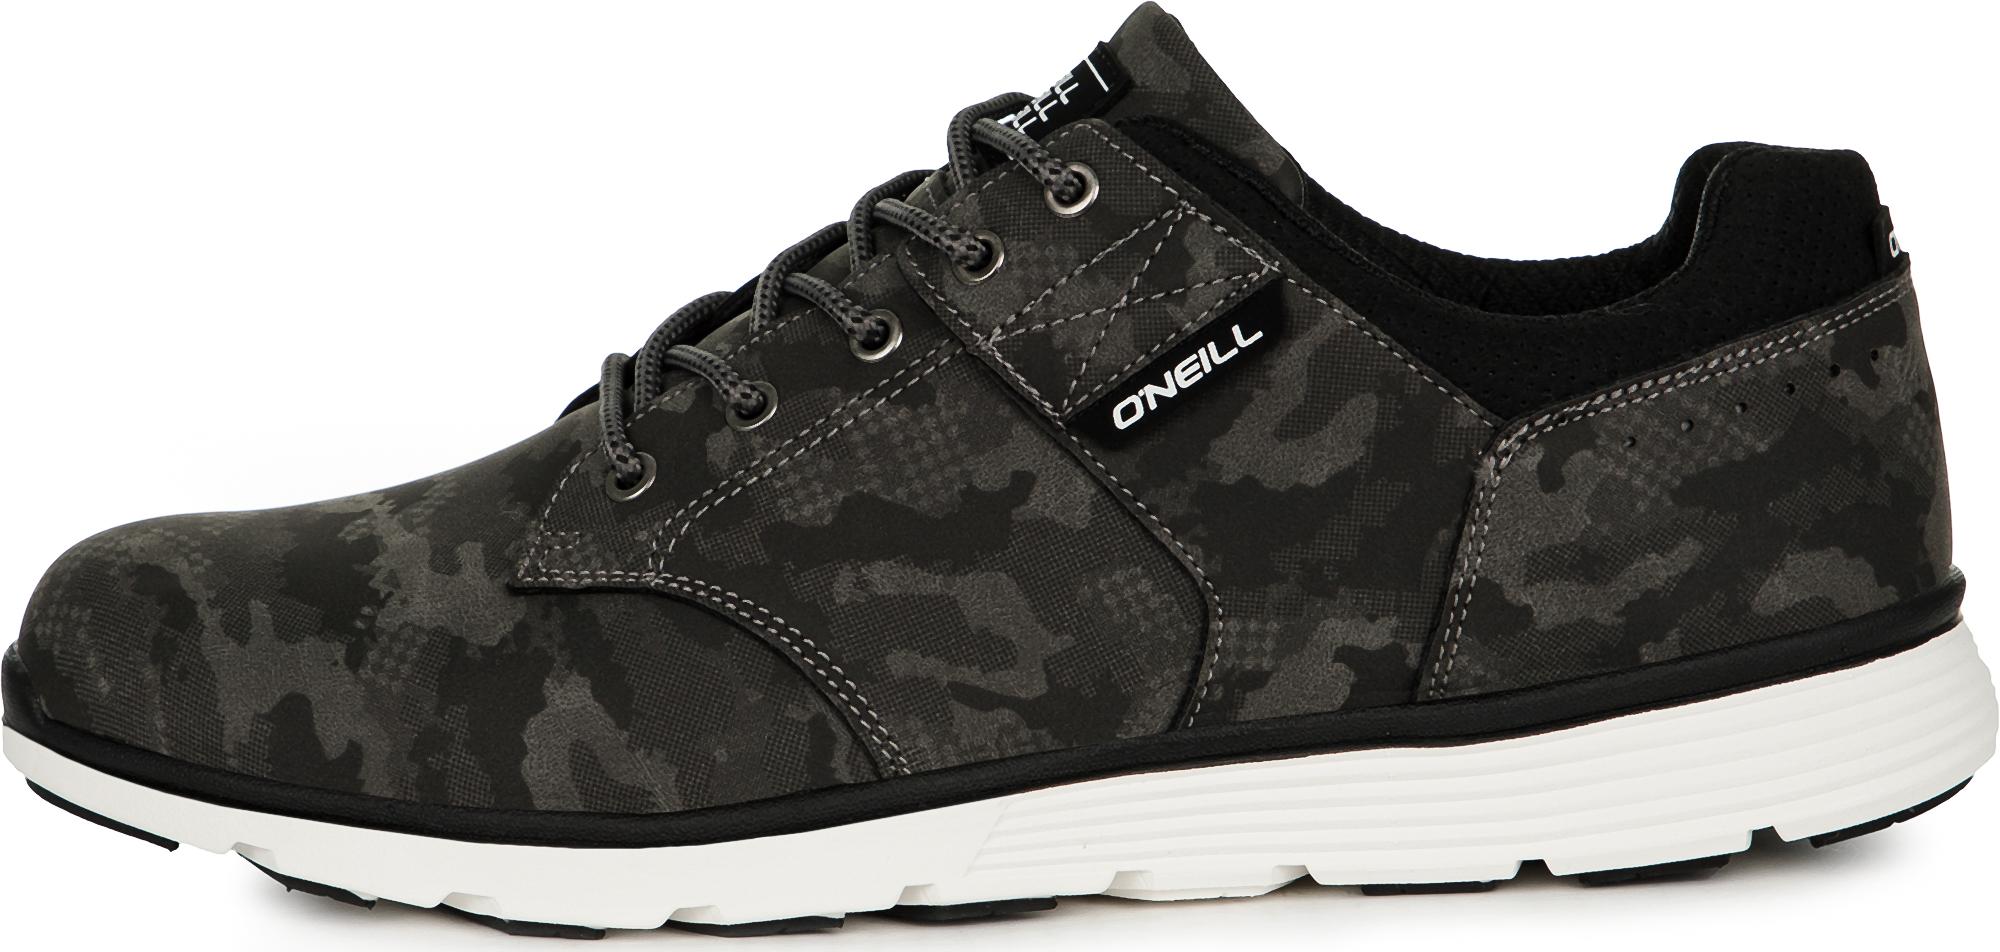 ONeill Ботинки утепленные мужские Tonar LT Camo, размер 44